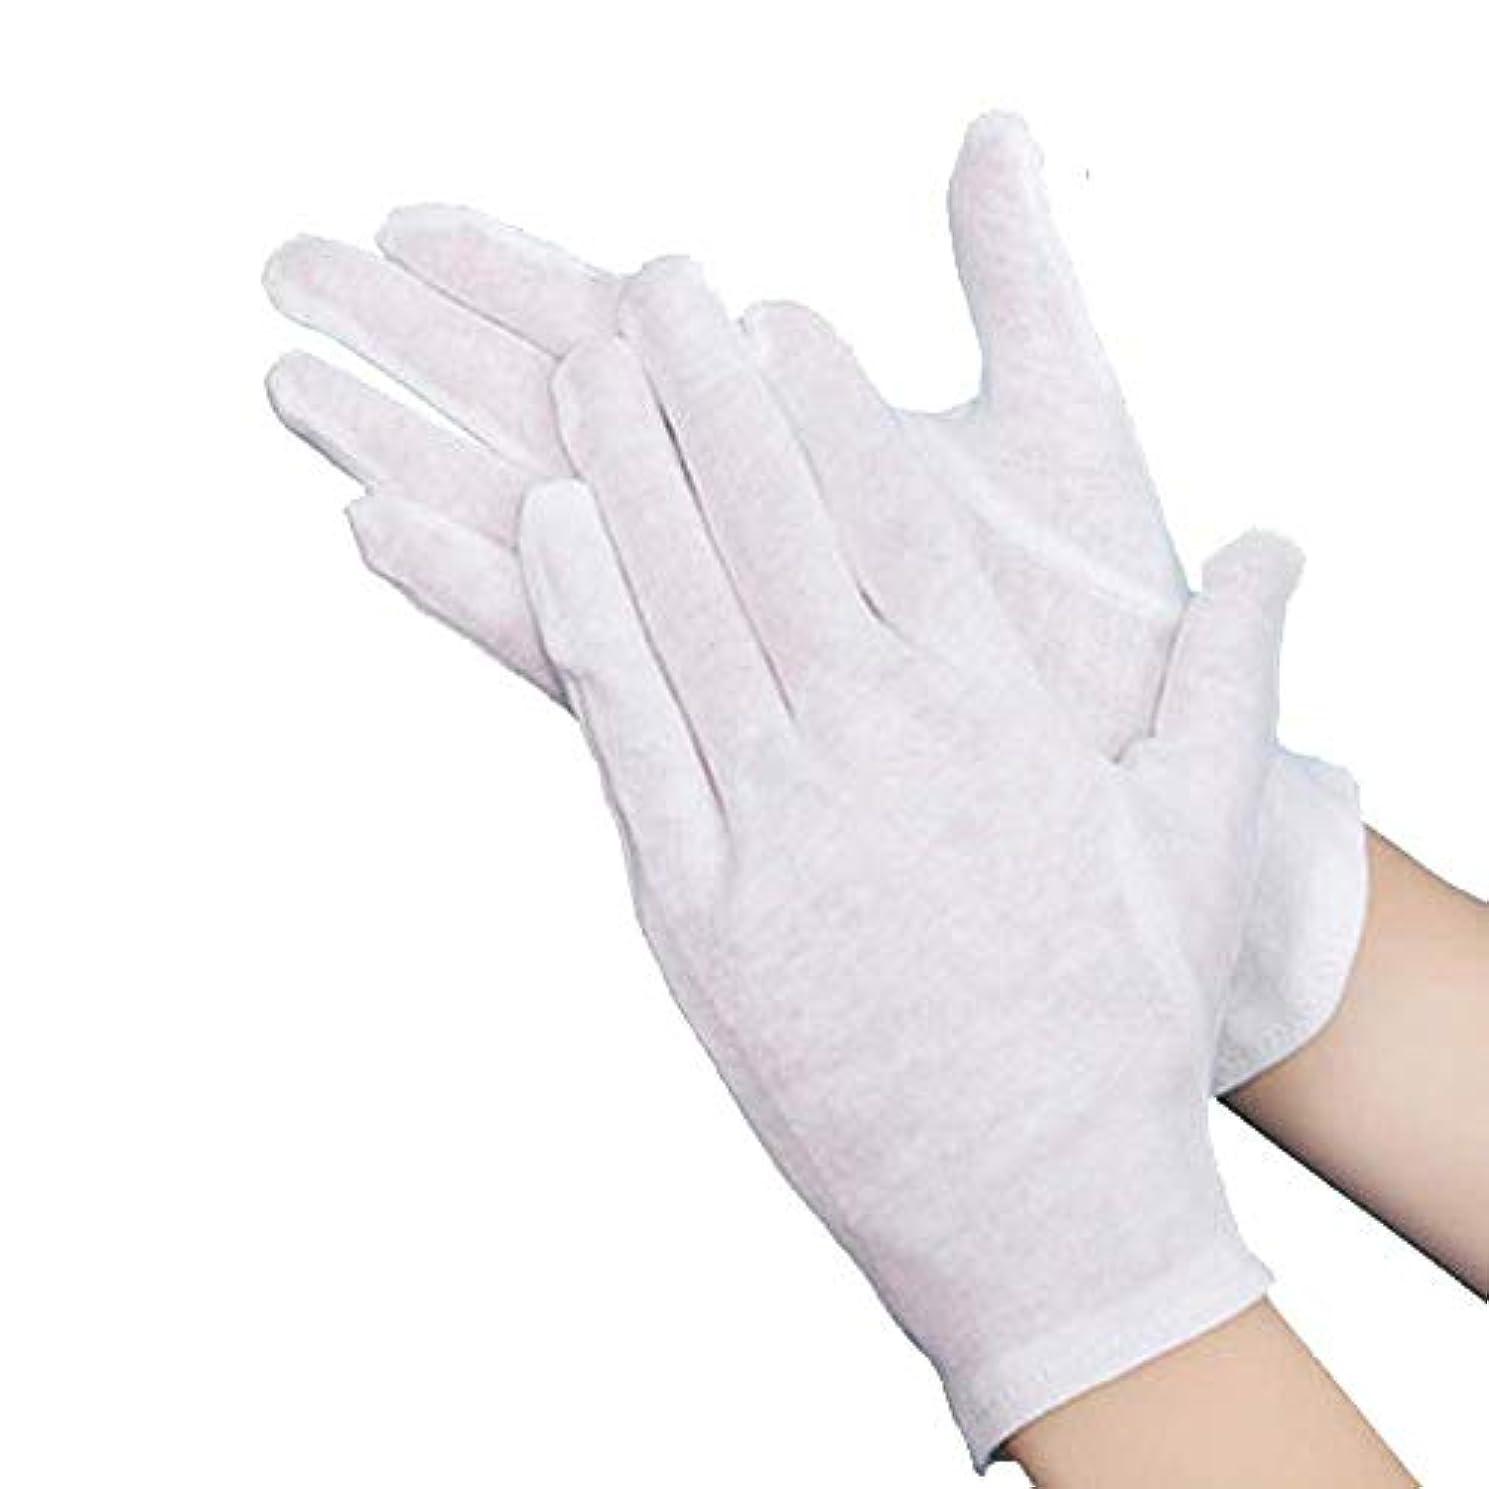 船剥離モック綿手袋 純綿100%通気性耐久性が強い上に軽く高品質吸汗性が优秀ふんわりとした肌触り10双組